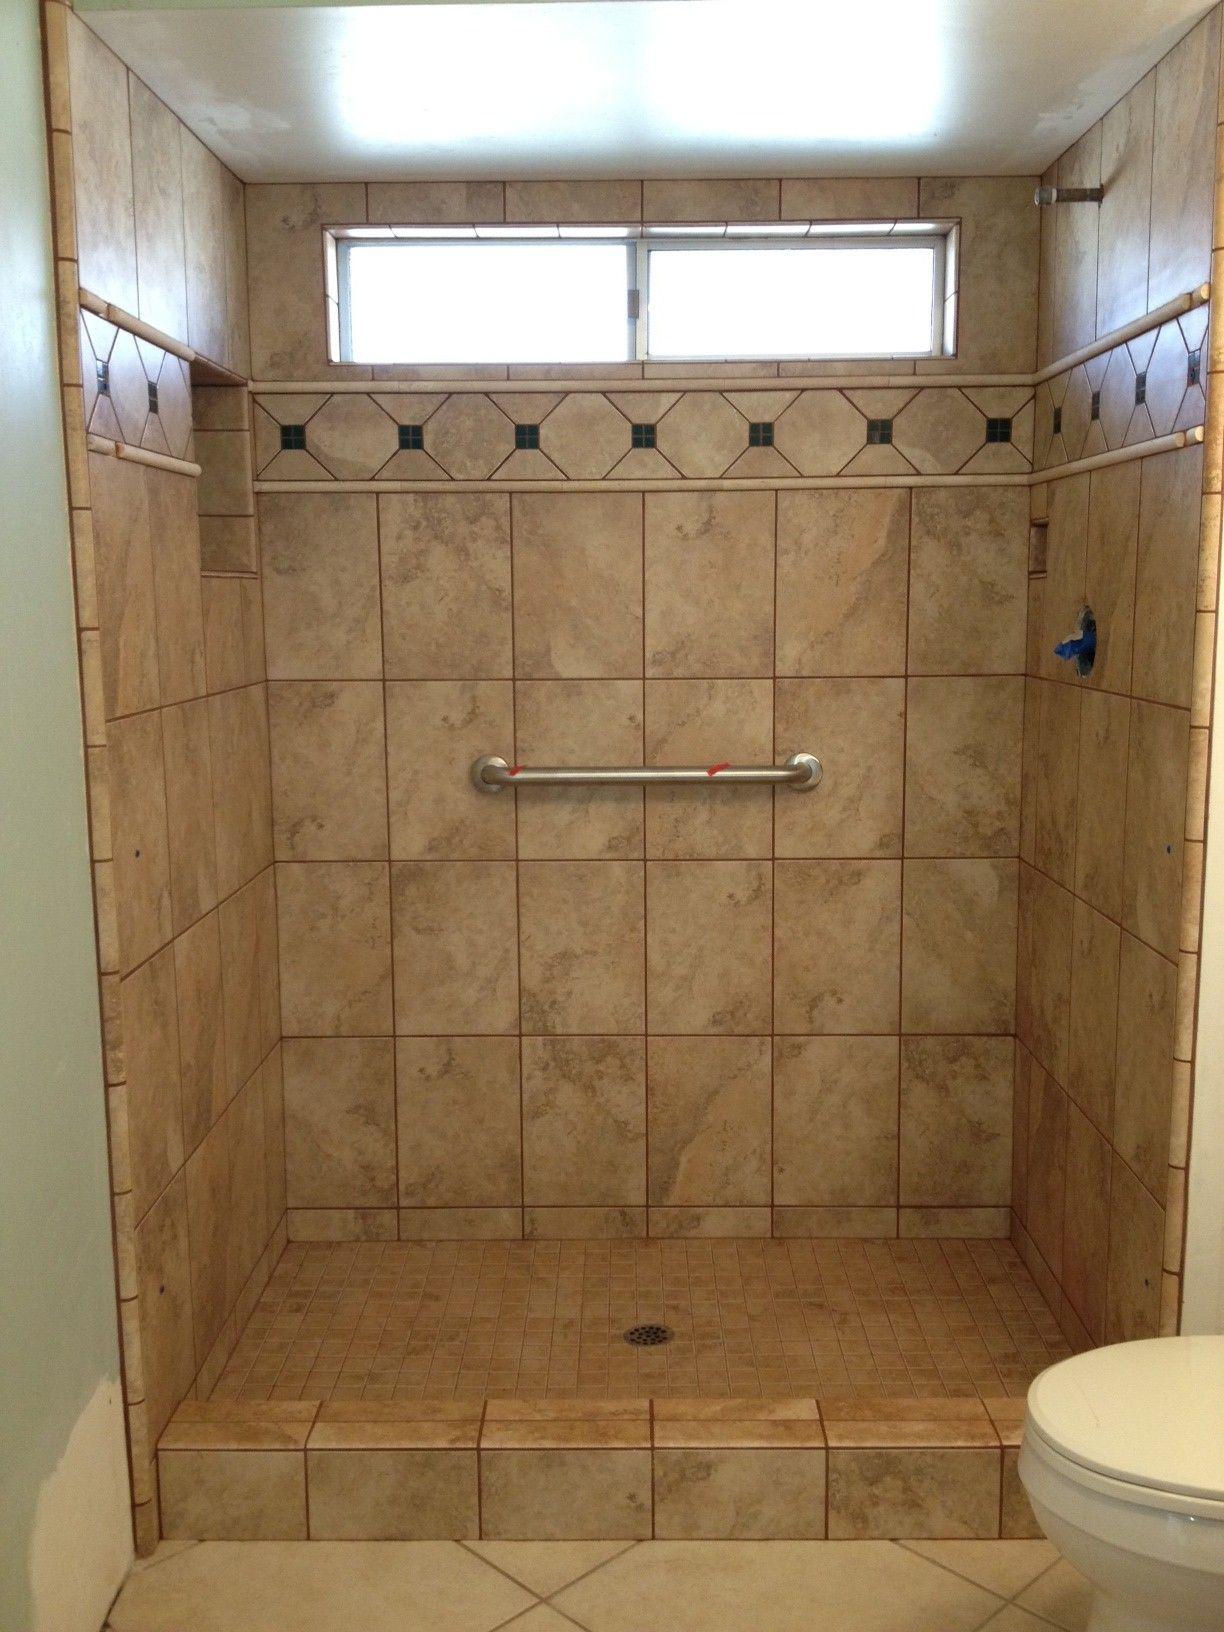 Tiled Shower Stalls - Custom